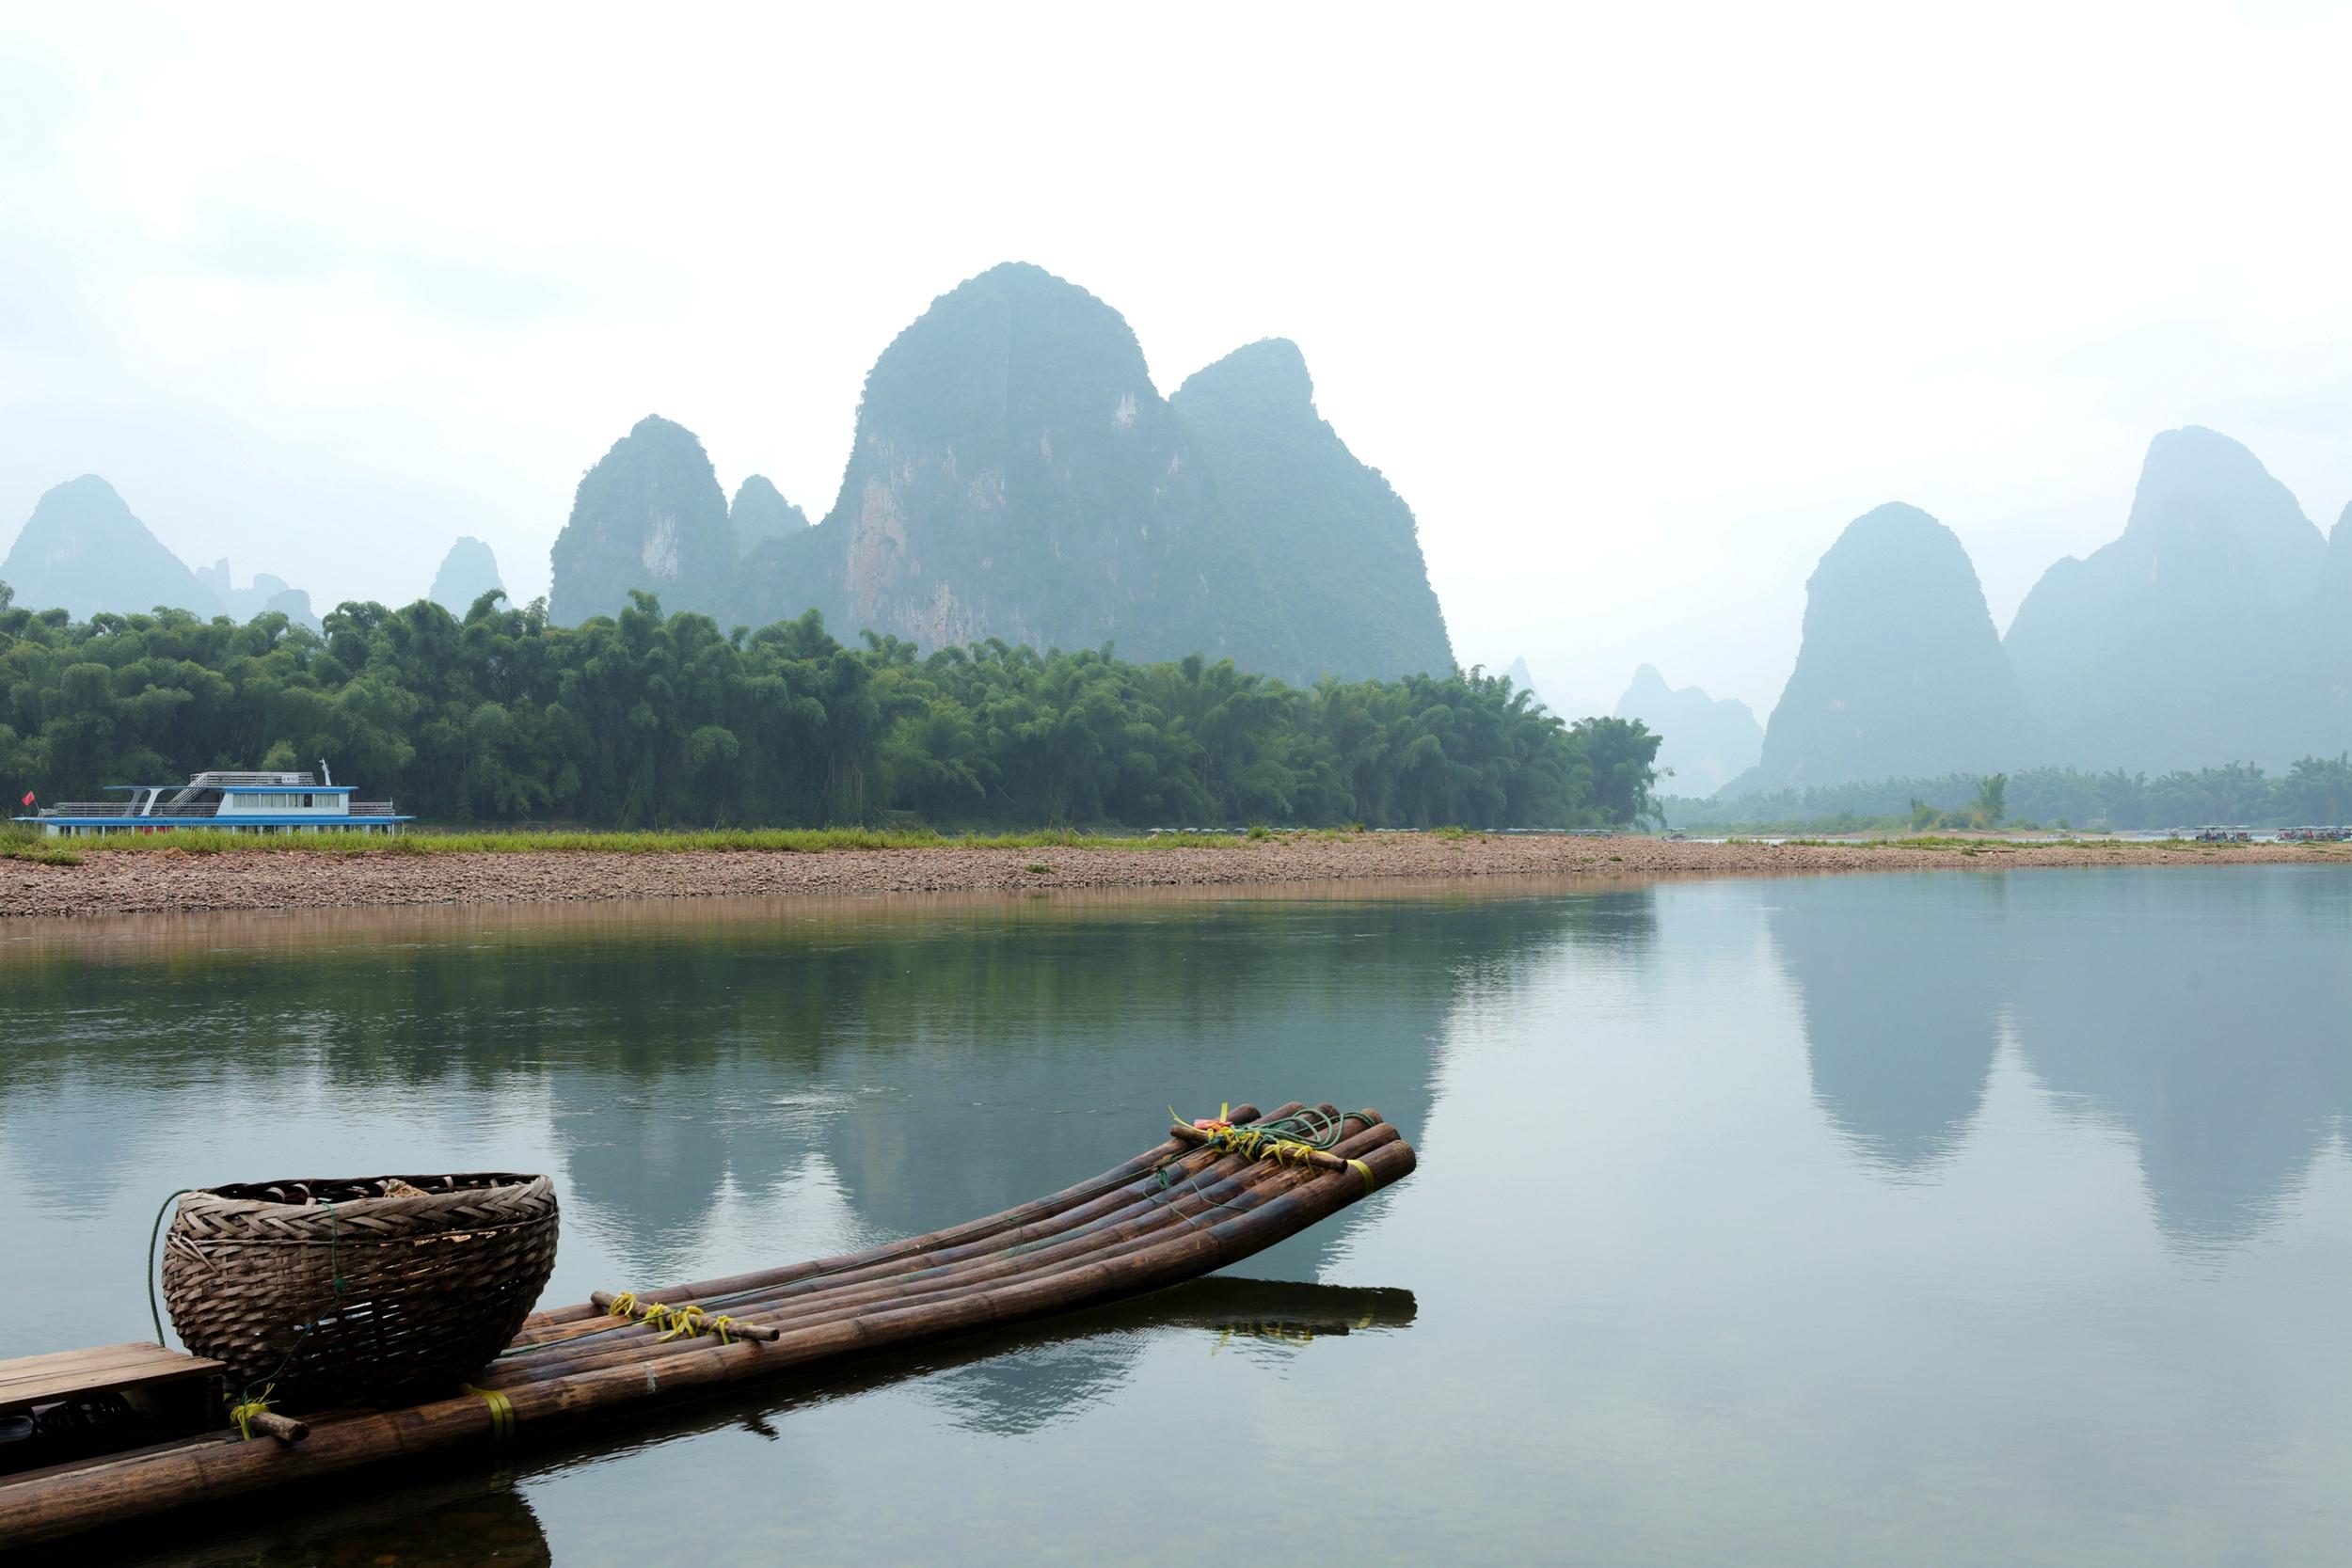 动静漓江 作  者:黄明昌 图片描述: 多年来,桂林注重保护漓江,漓江水